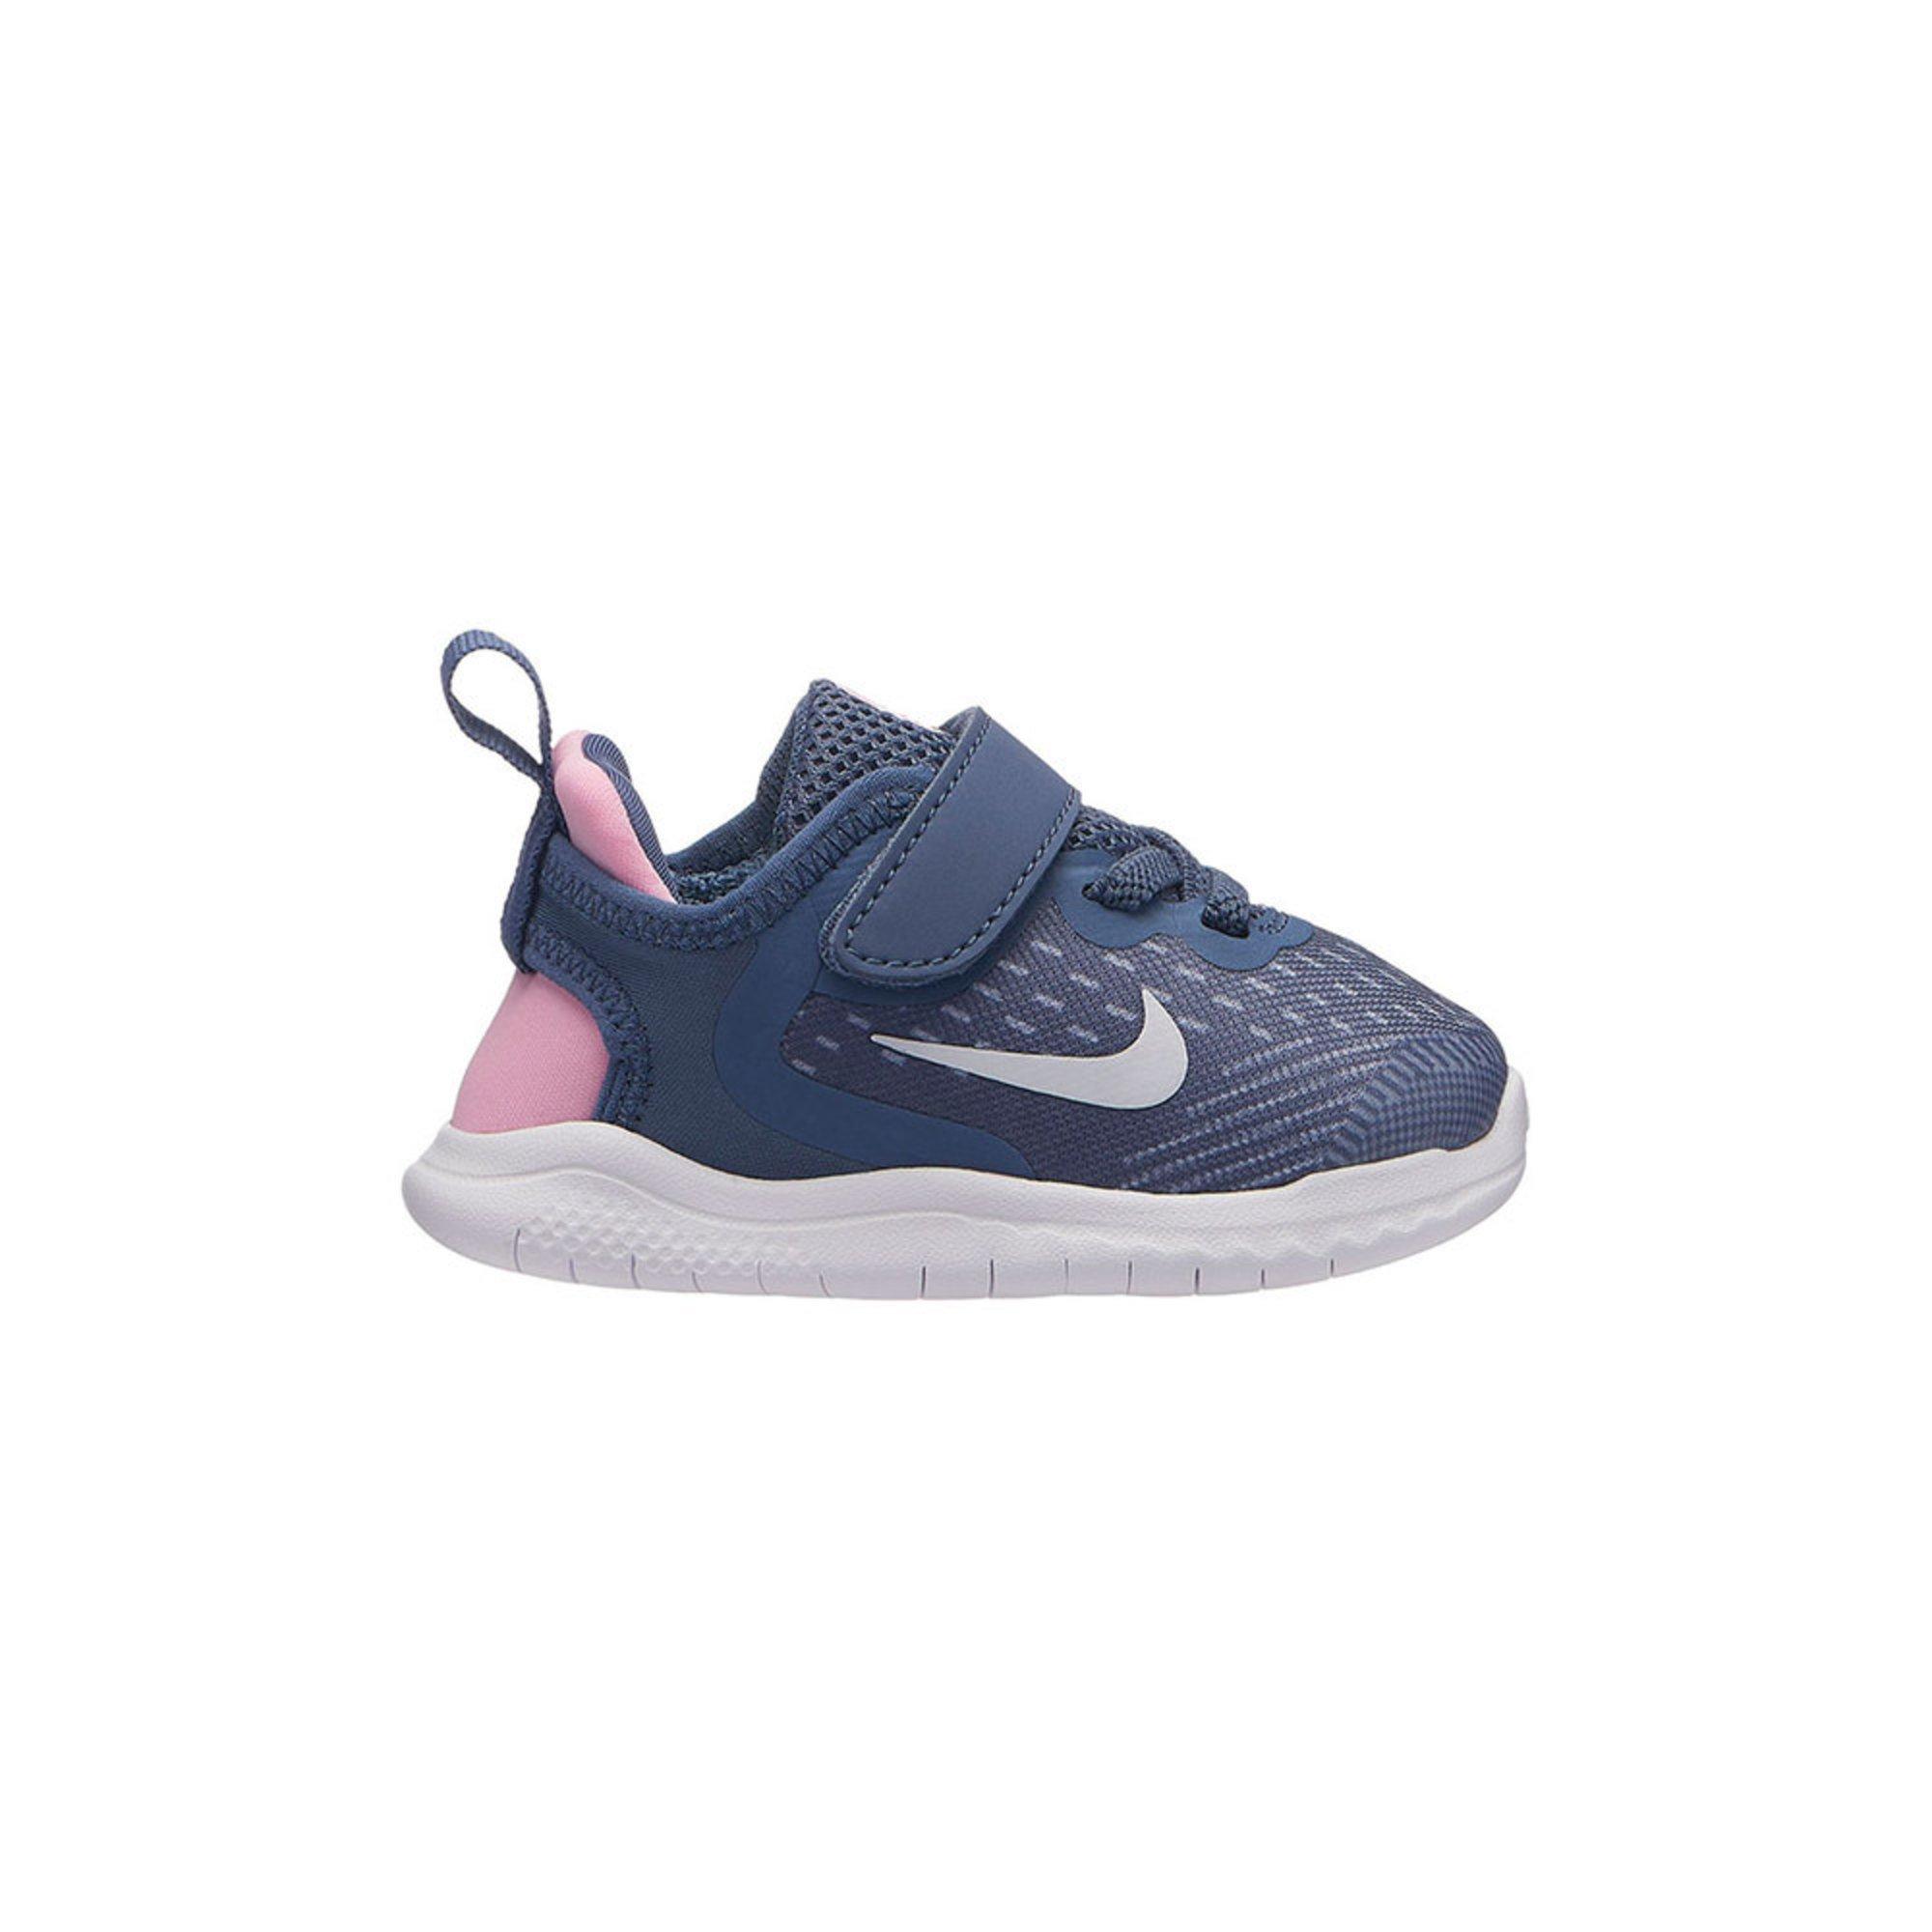 Nike Girls Free Rn 2018 Running Shoe (infant/toddler) | Toddler ...